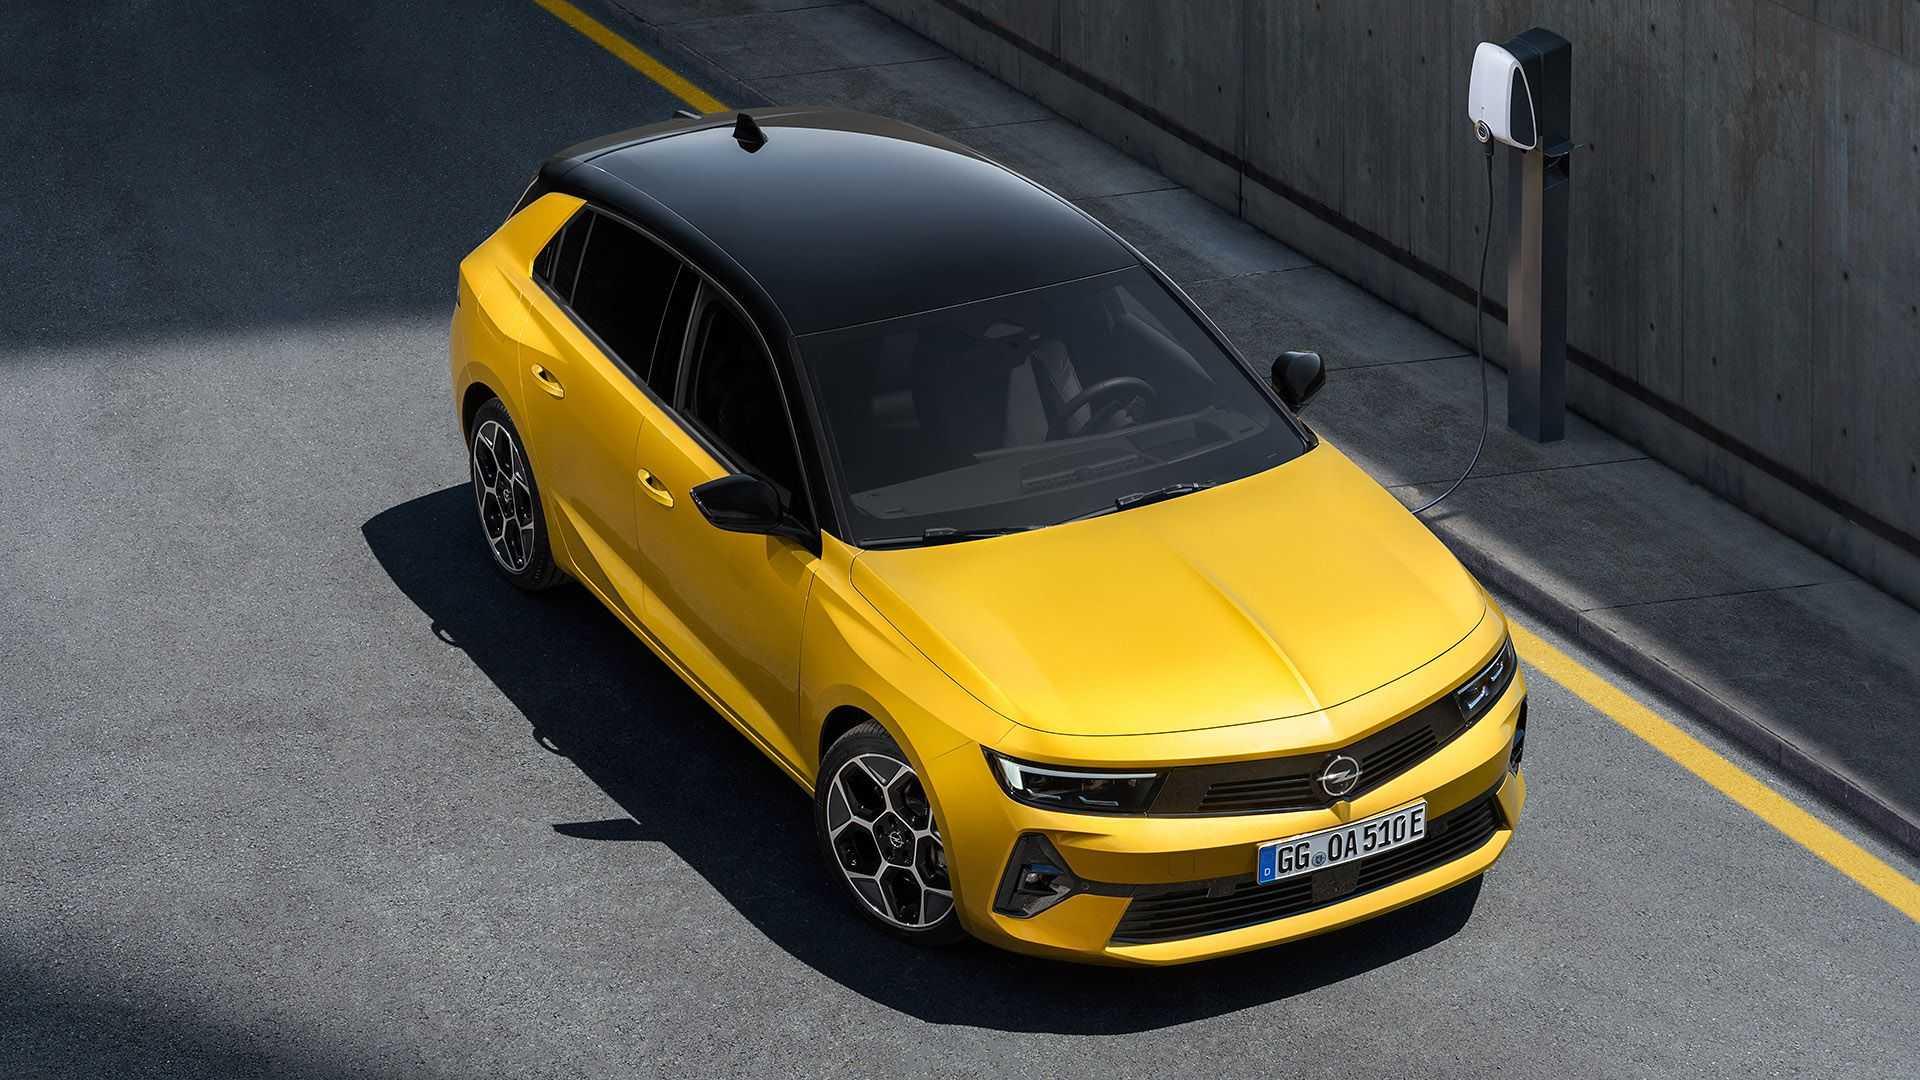 Хэтчбек OpelAstra шестого поколения представлен официально 3